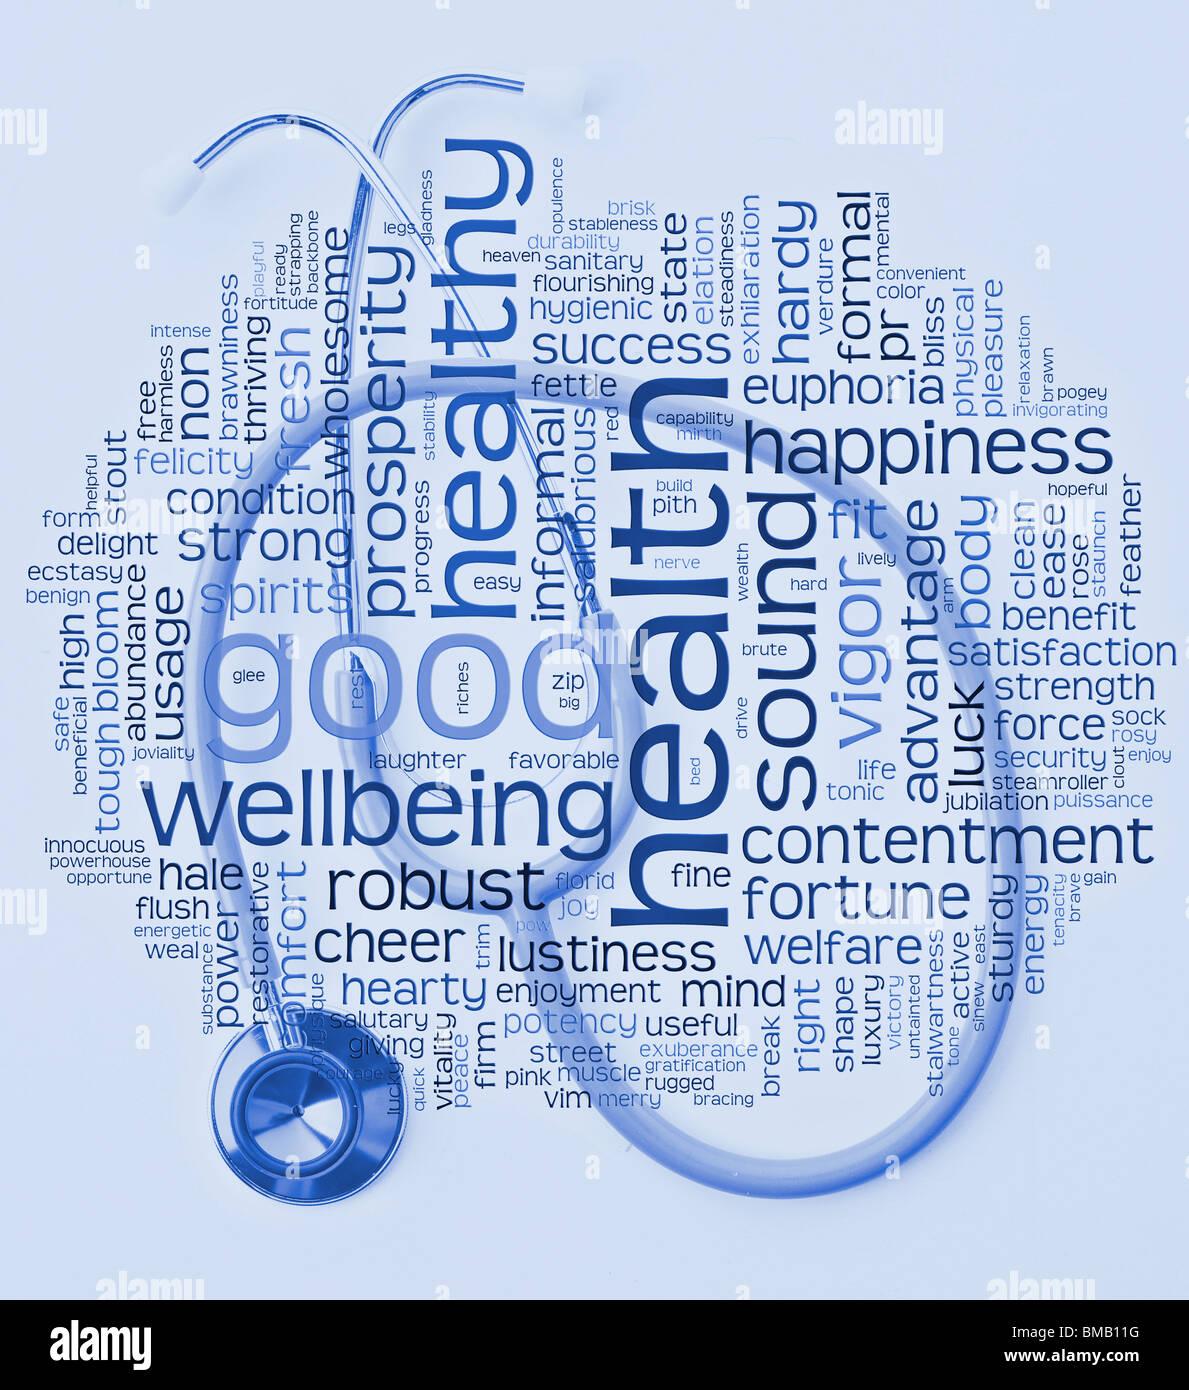 En bonne santé et le bien-être santé mot ou tag cloud avec des tons bleus à l'hôpital Photo Stock